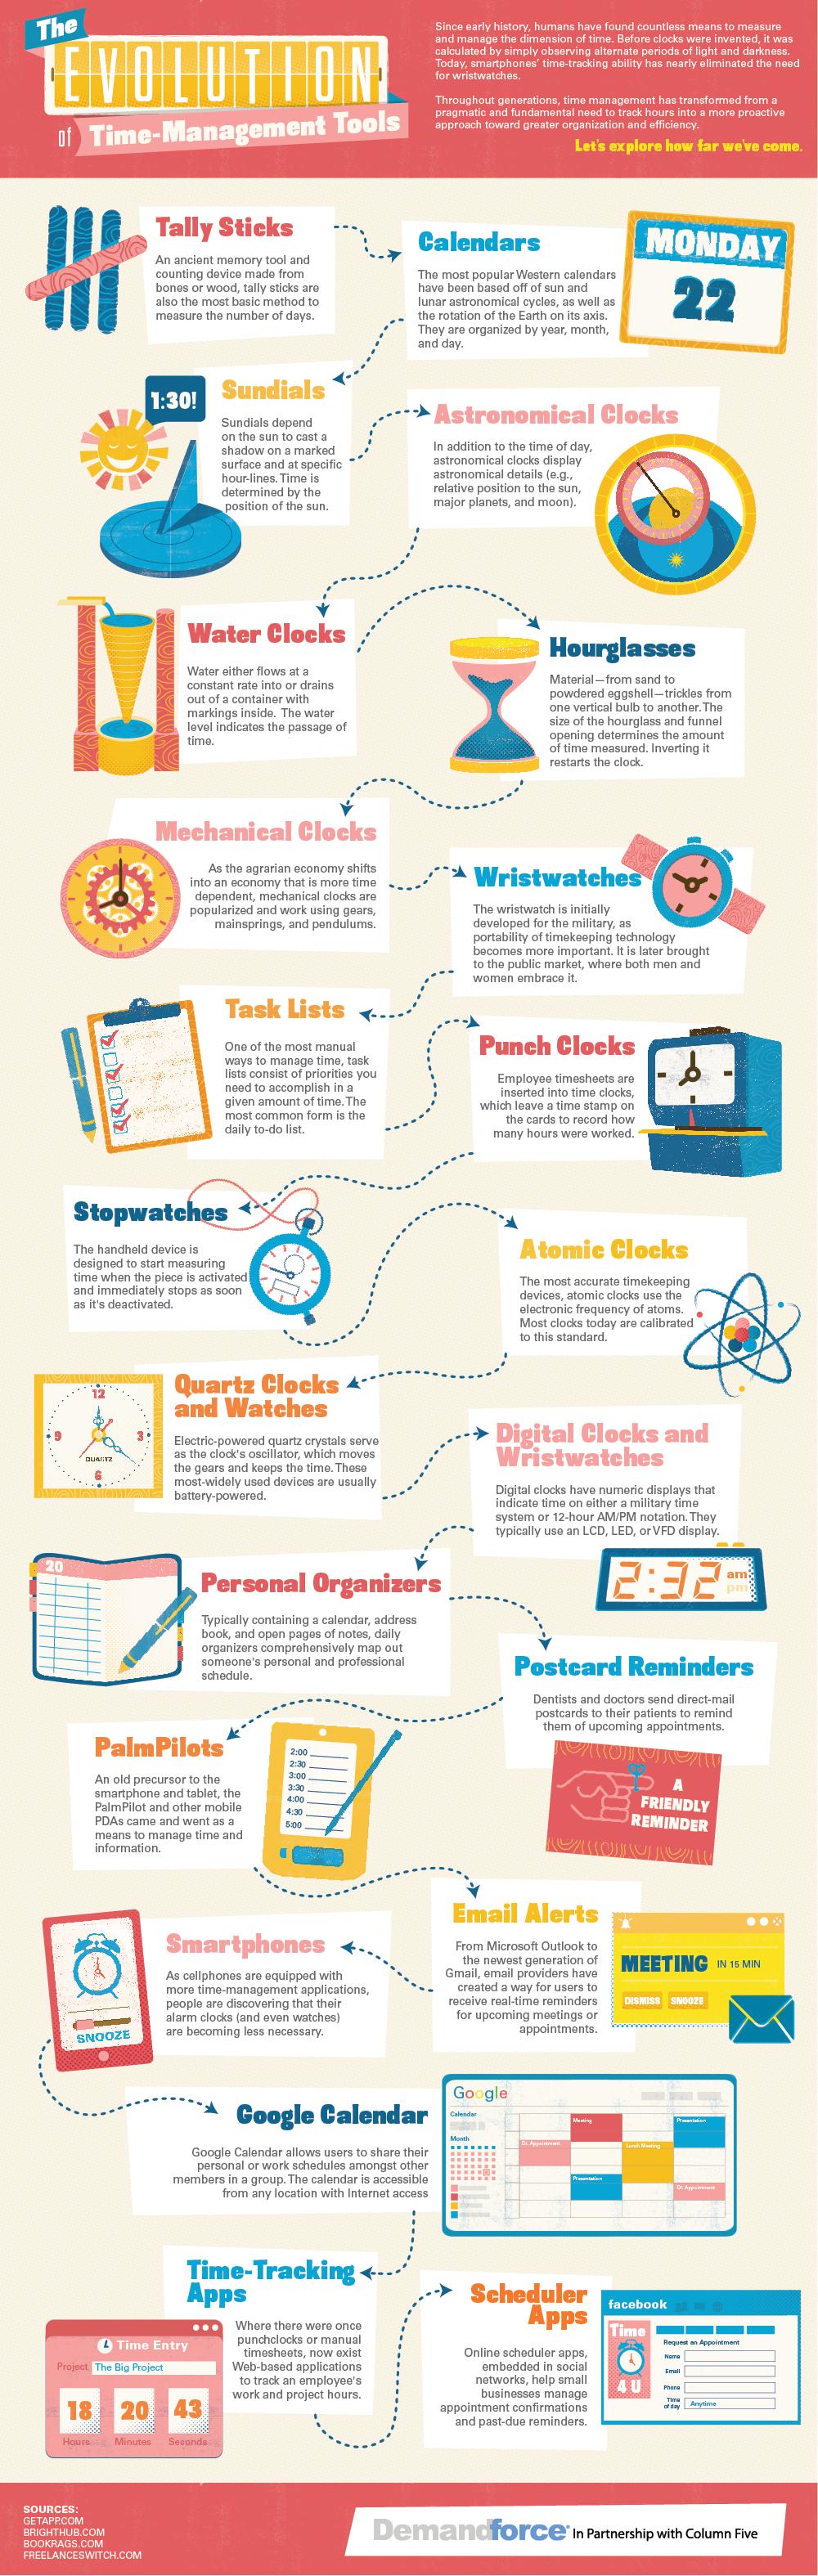 Evolución de las herramientas de gestión del tiempo